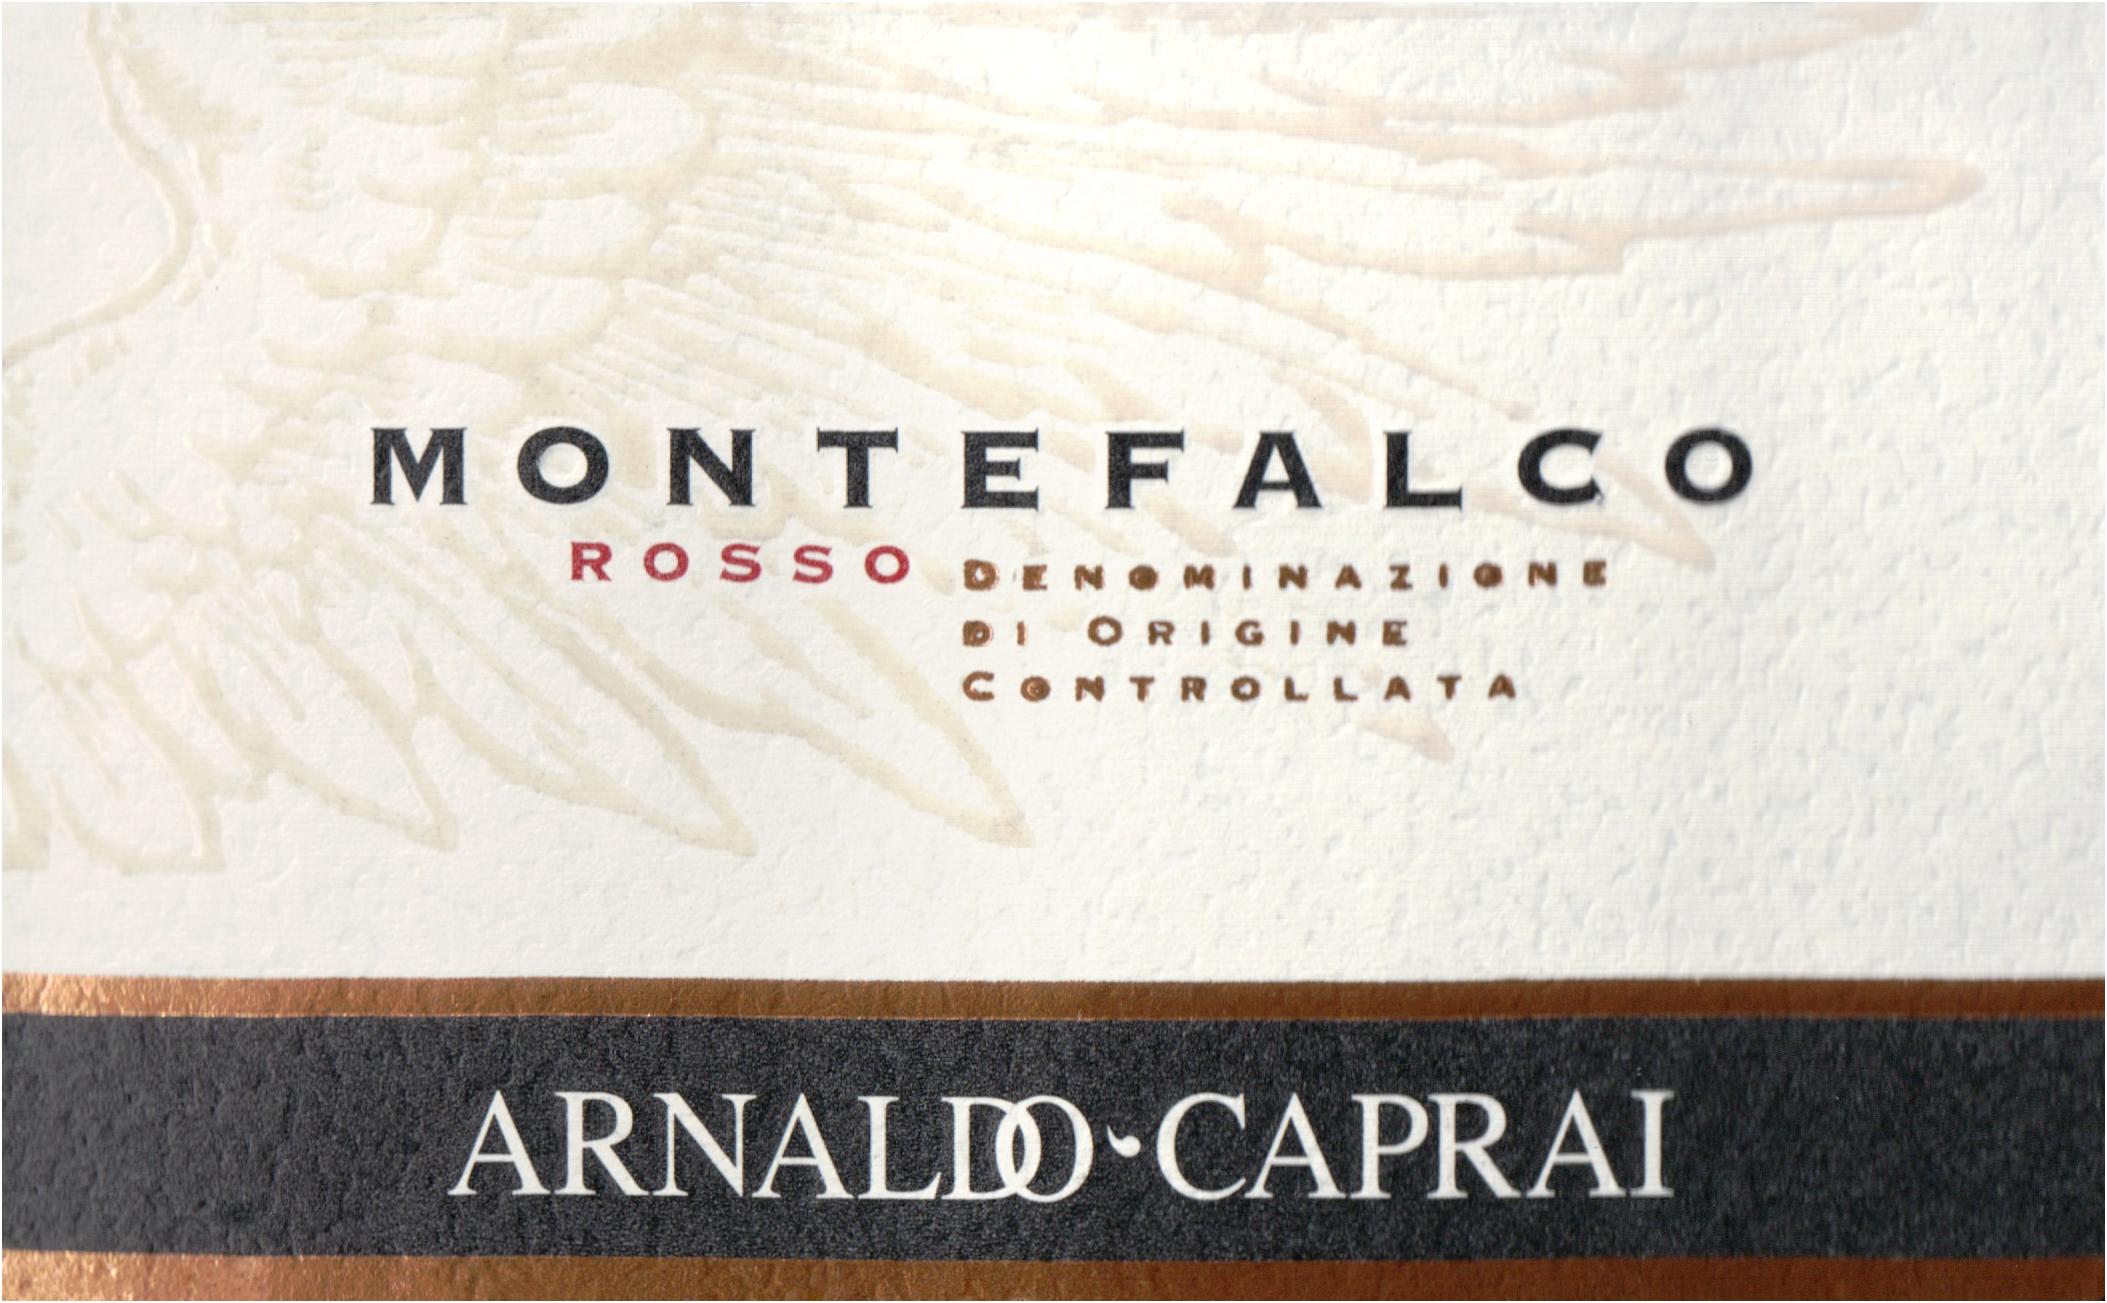 Arnaldo Caprai Montefalco Rosso 2016